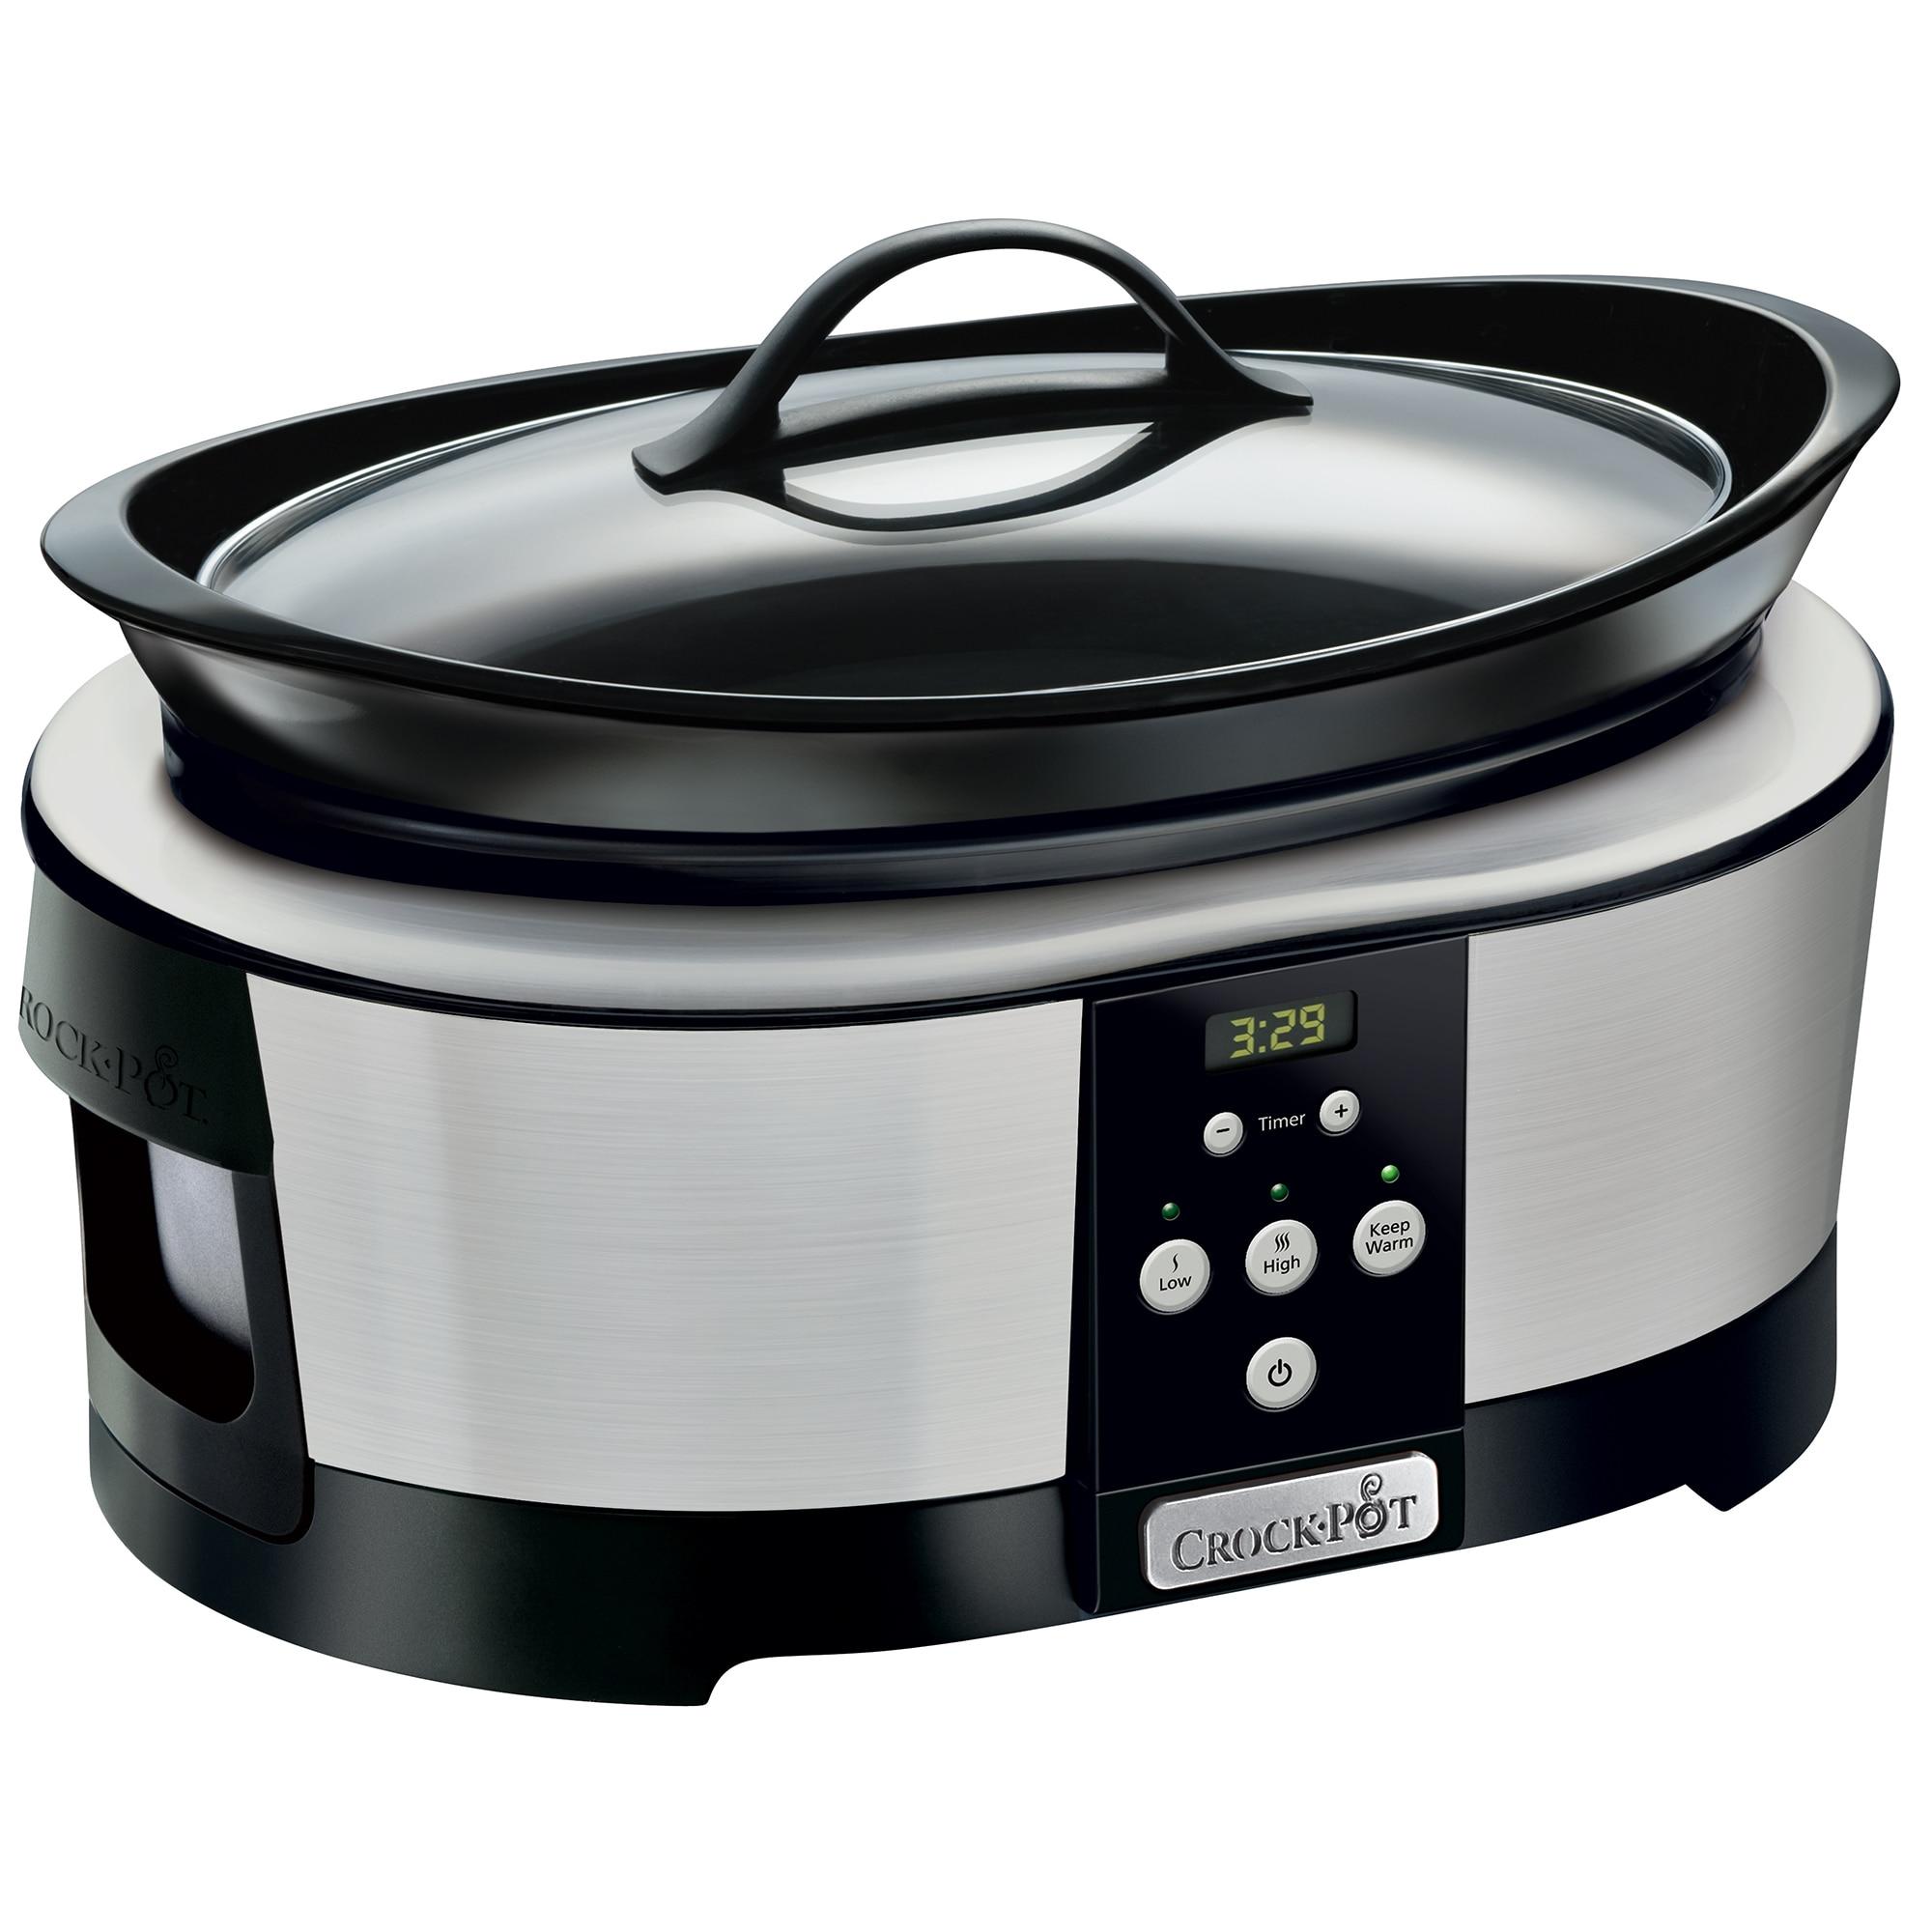 Fotografie Slow cooker Crock-Pot SCCPBPP605-050, 5.7 l, 2 Setari gatit, Functie pastrare la cald, Display electronic, Timer, Vas de ceramica detasabil, Argintiu